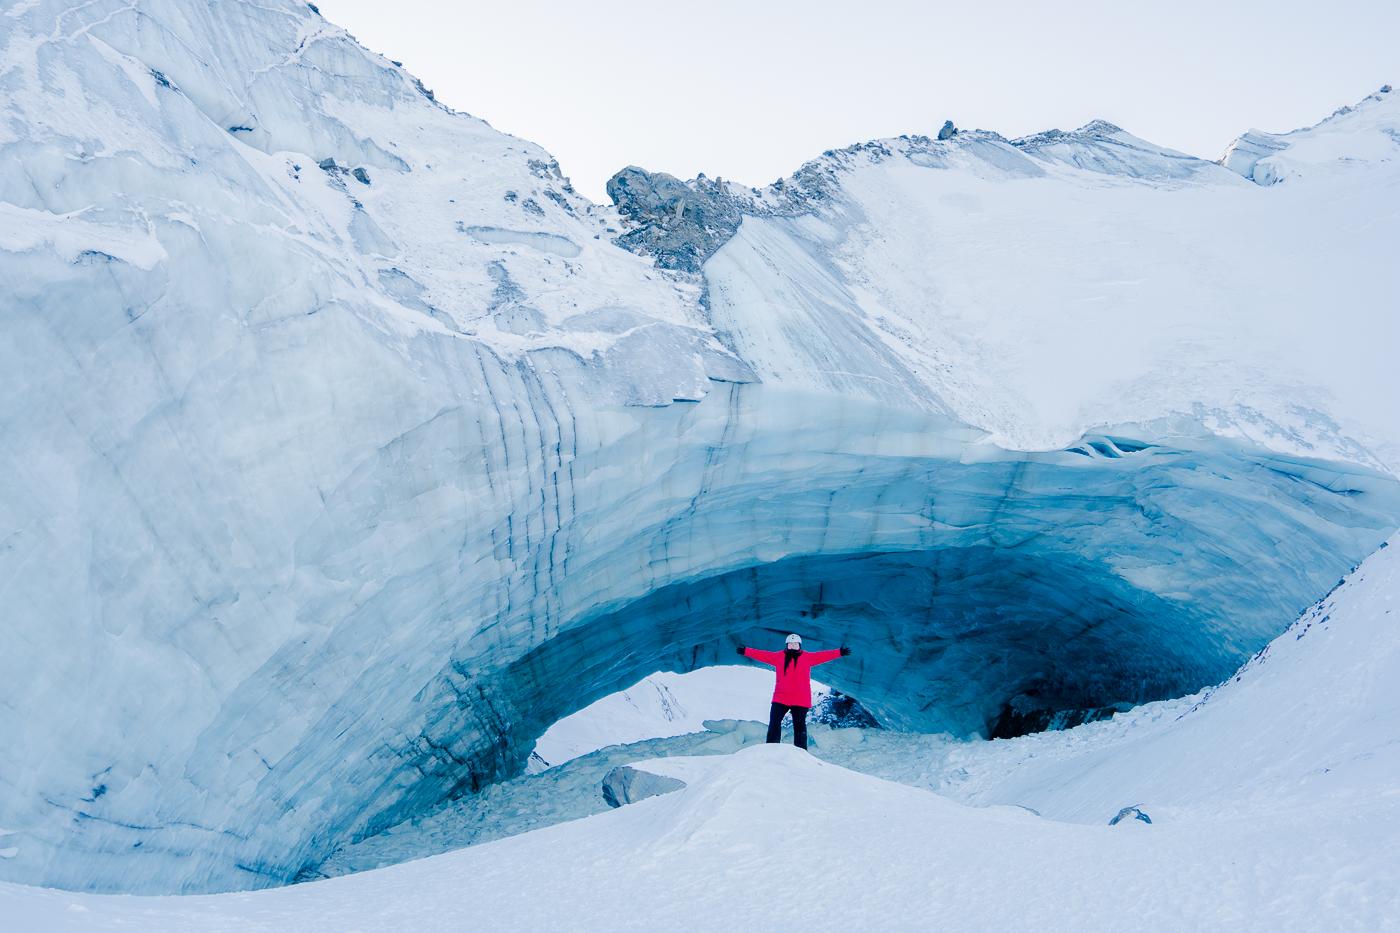 Incontournable d'un voyage au Yukon, grotte de glace Haines Junction